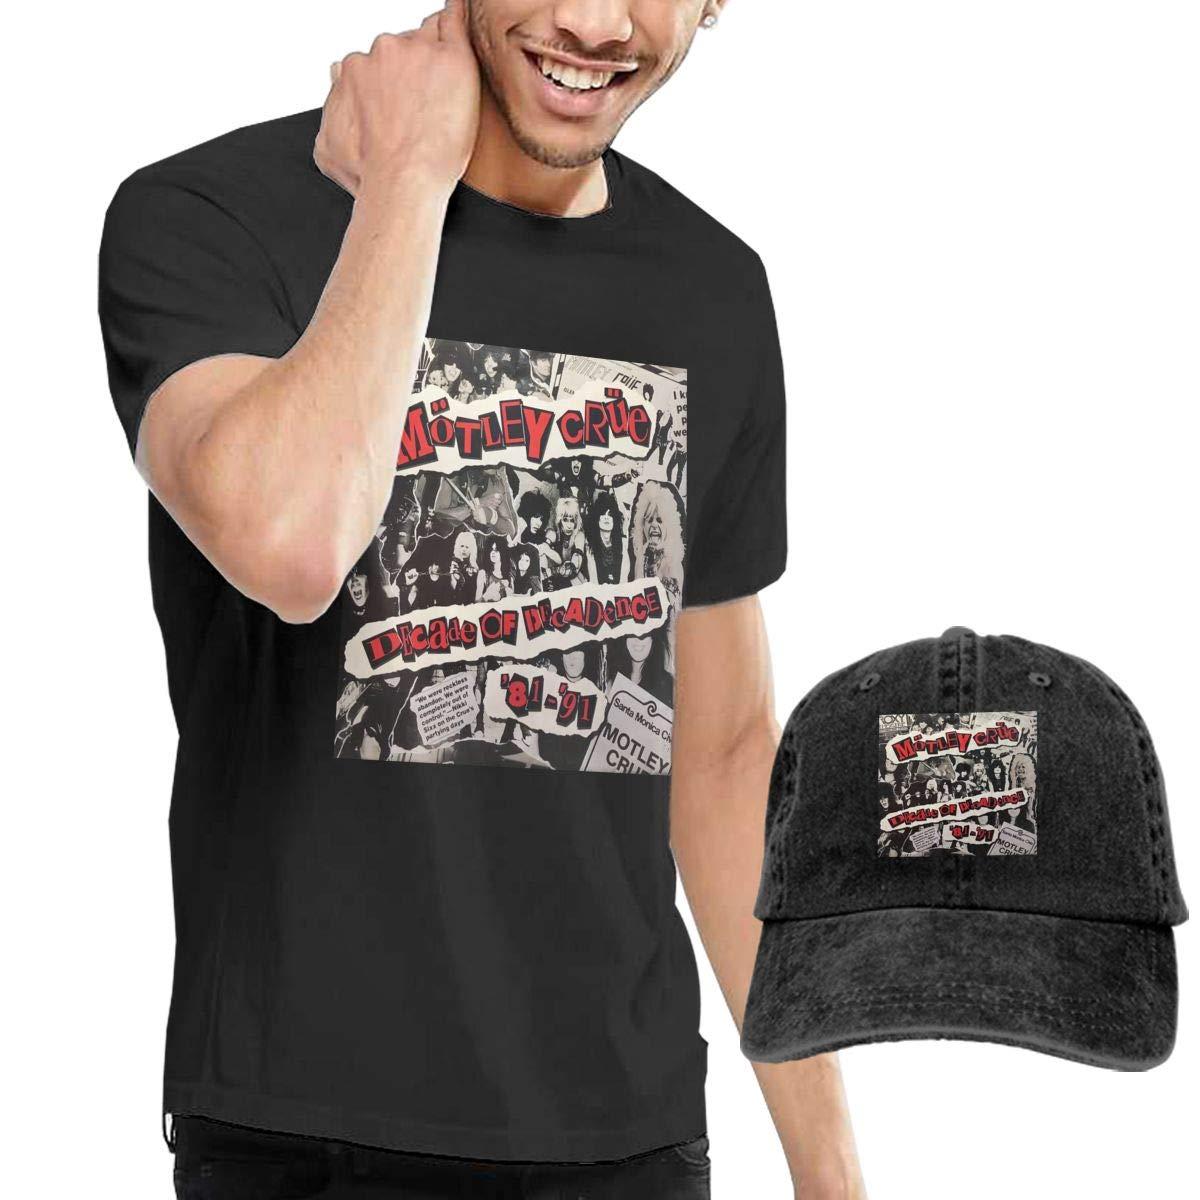 Hfusih.fhs6f789 Motley Crue Decade of Decadence Adult Cap Adjustable Cowboys Hats Baseball Cap XL Black